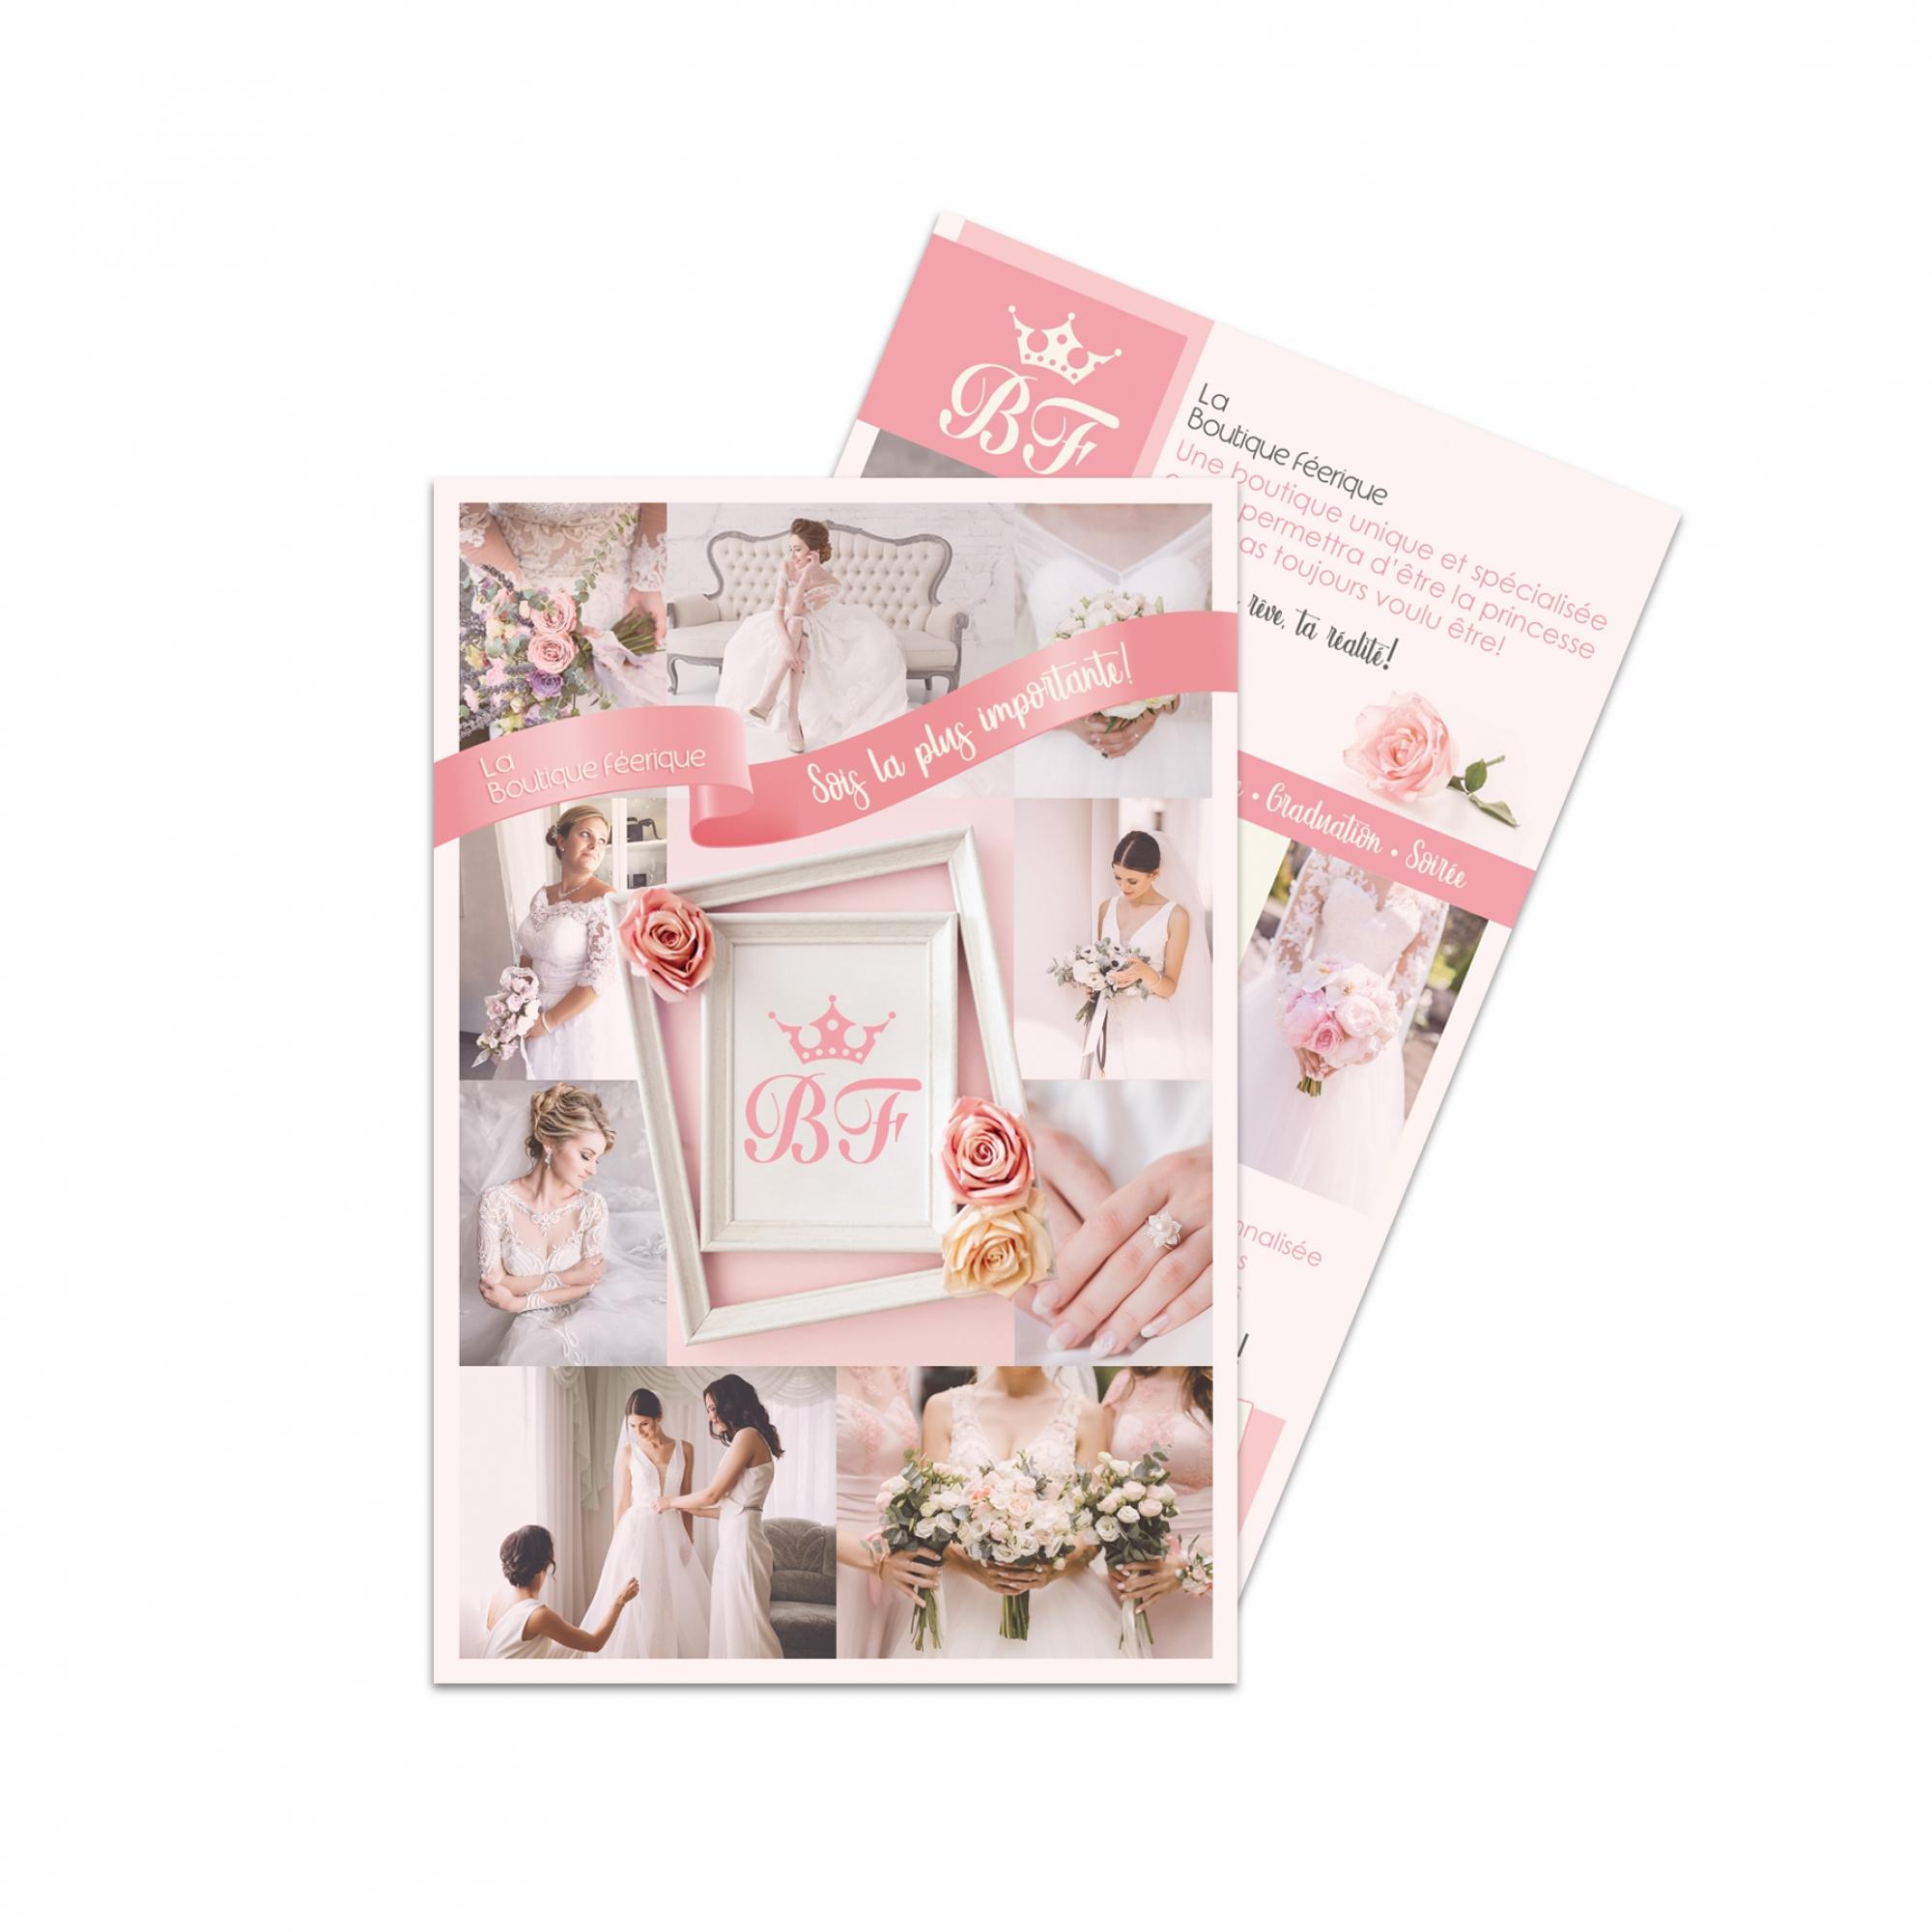 Création du carton promo Boutique Féérique